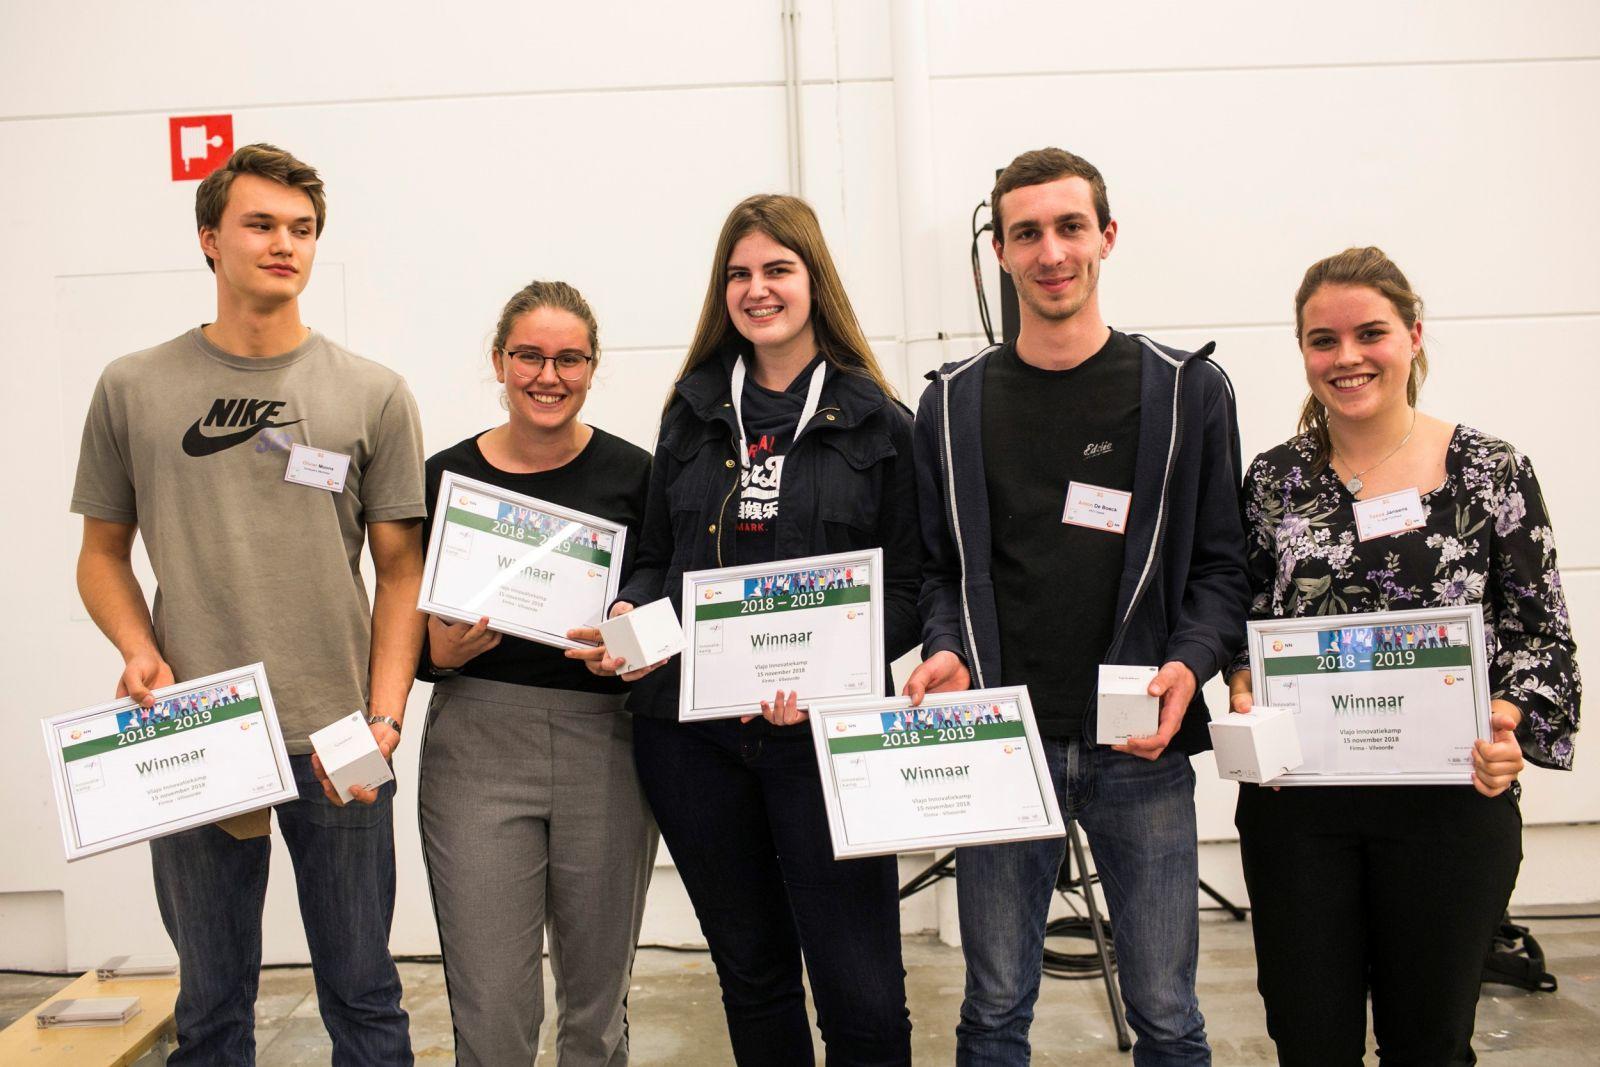 Leerlingen winnen innovatiekamp met levensverzekeringspakket voor studenten